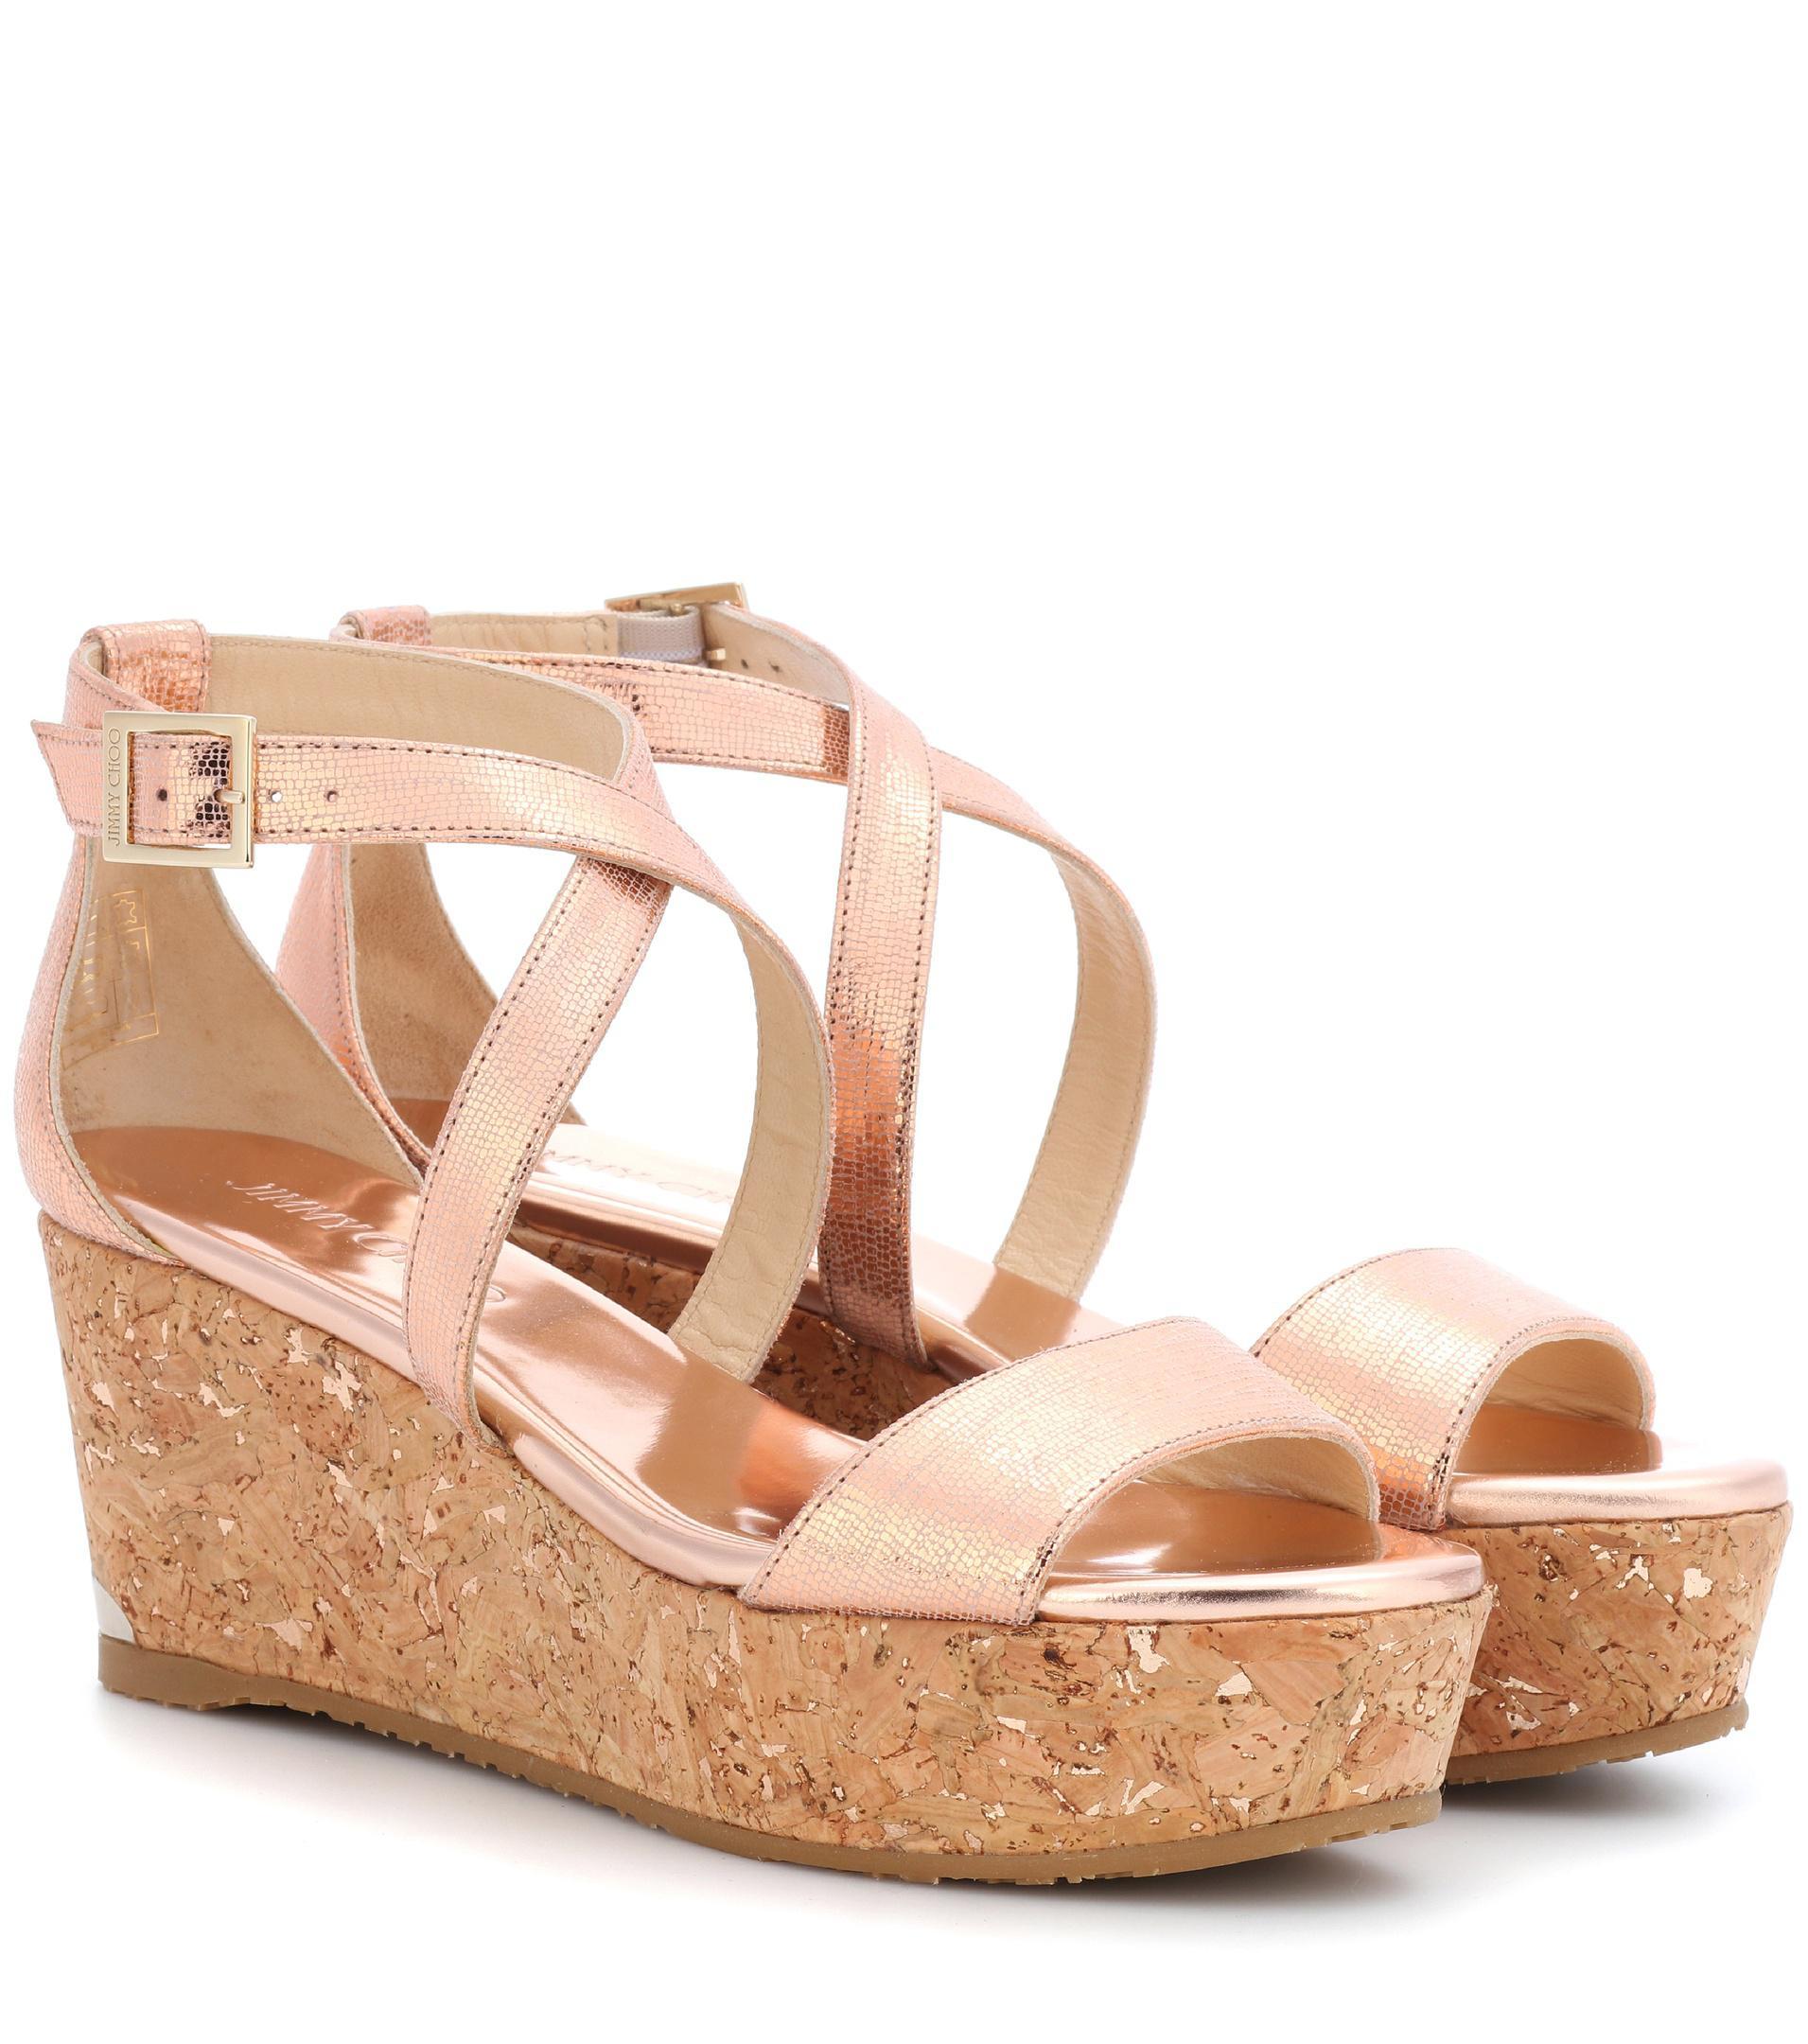 f51a10b3b50d Lyst - Jimmy Choo Portia 70 Metallic Leather Platform Sandals in Pink